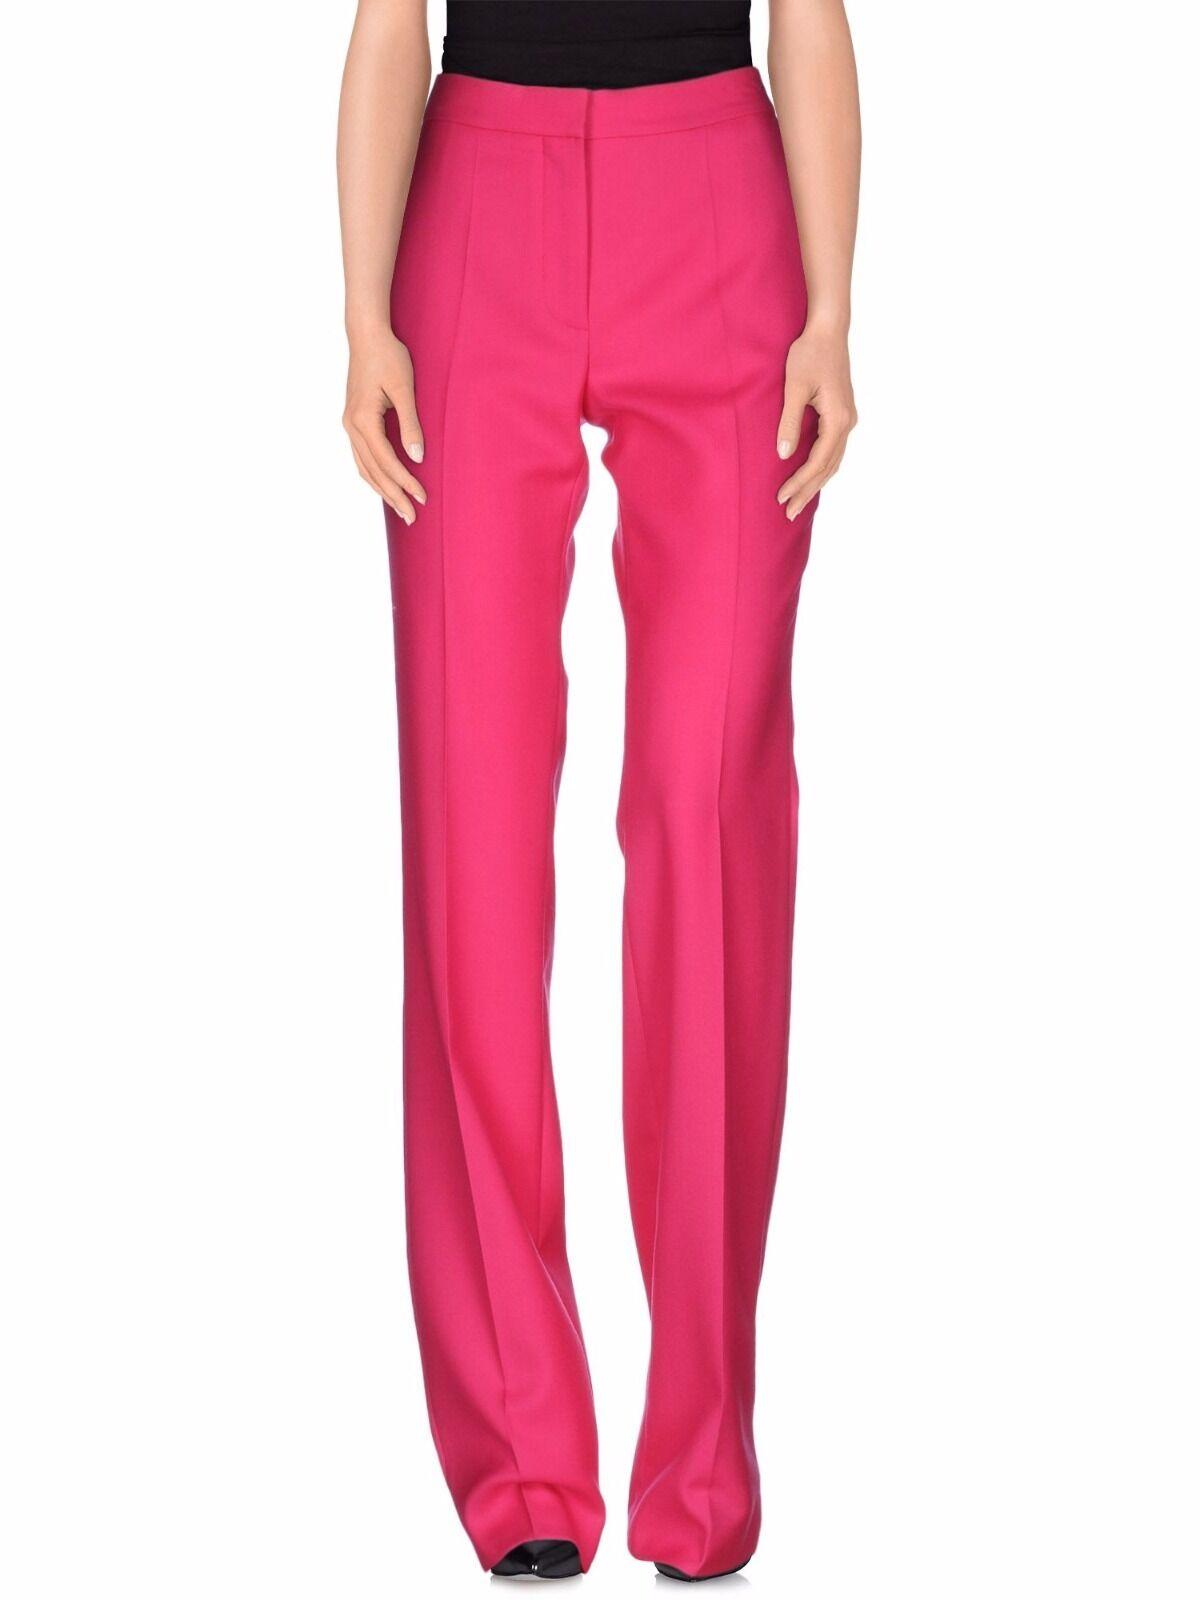 Stella McCartney fuchsia crepe pants US size 2